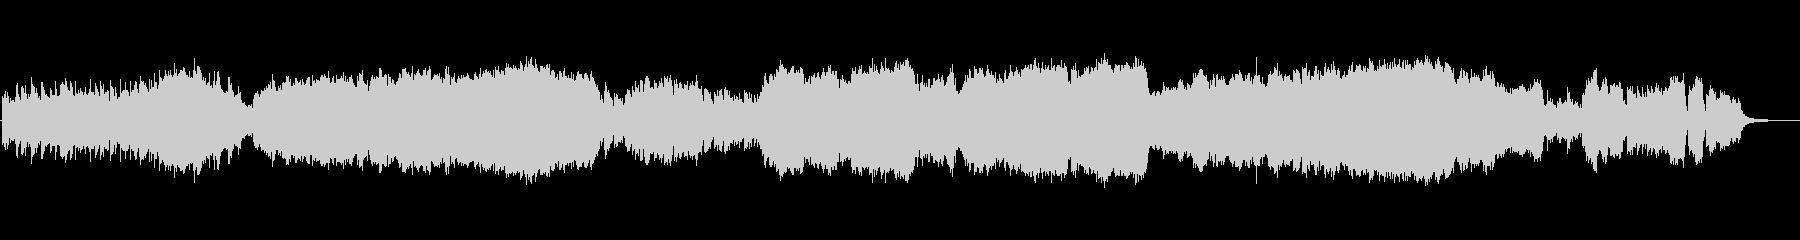 フォーレ ラシーヌ雅歌 ピアノと弦の未再生の波形